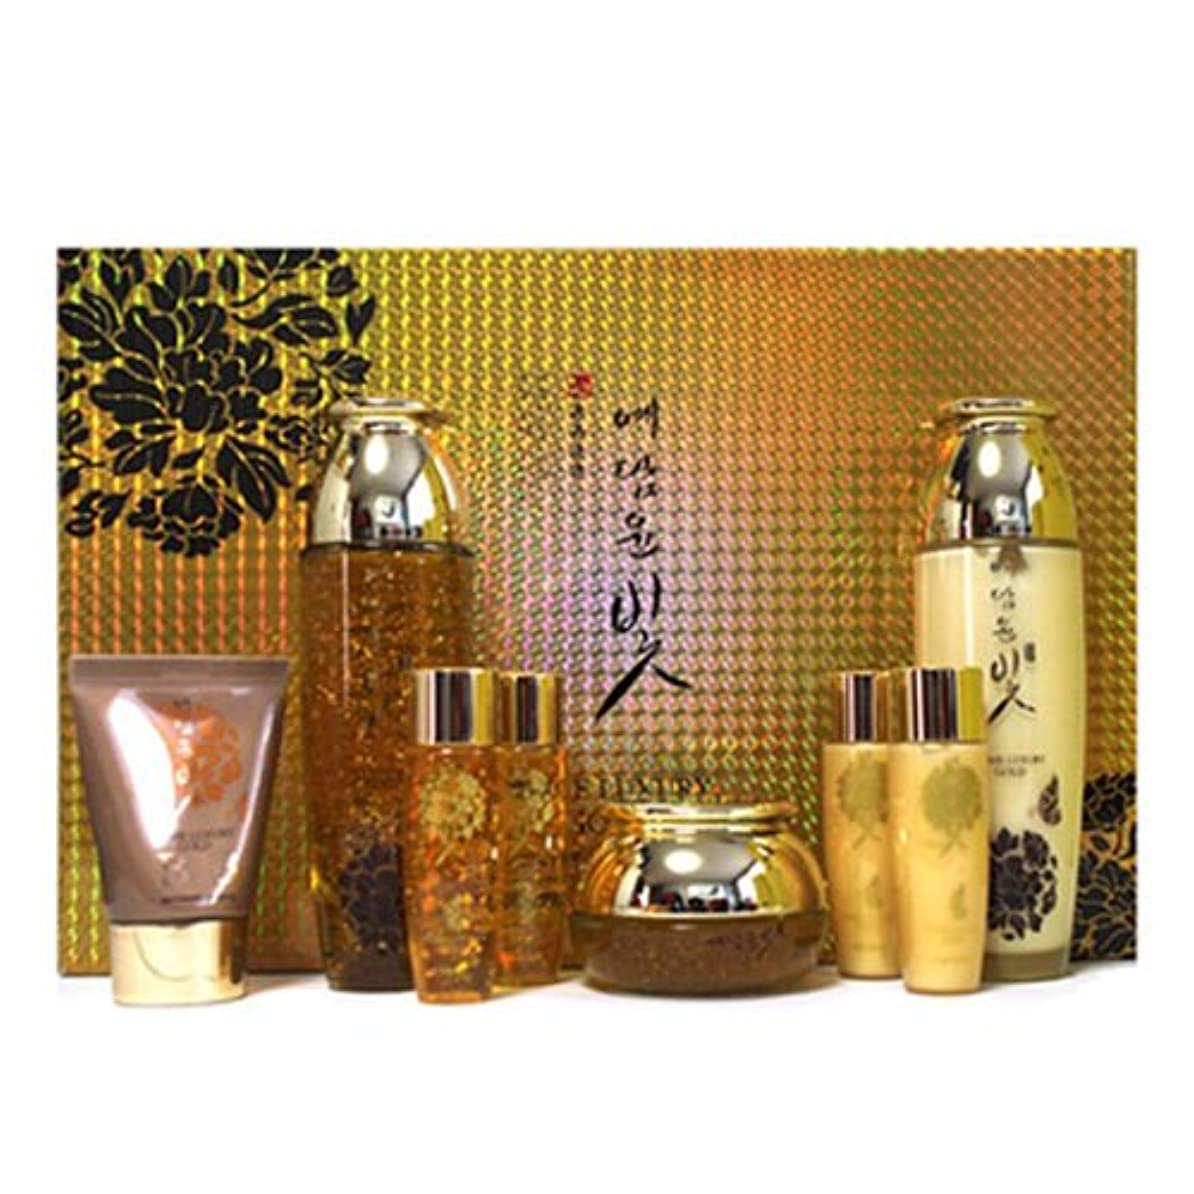 優雅キリスト教赤イェダムユンビト[韓国コスメYedam Yun Bit]Prime Luxury Gold Skin Care Set プライムラグジュアリーゴールドスキンケア4セット 樹液 乳液 クリーム/ BBクリーム [並行輸入品]